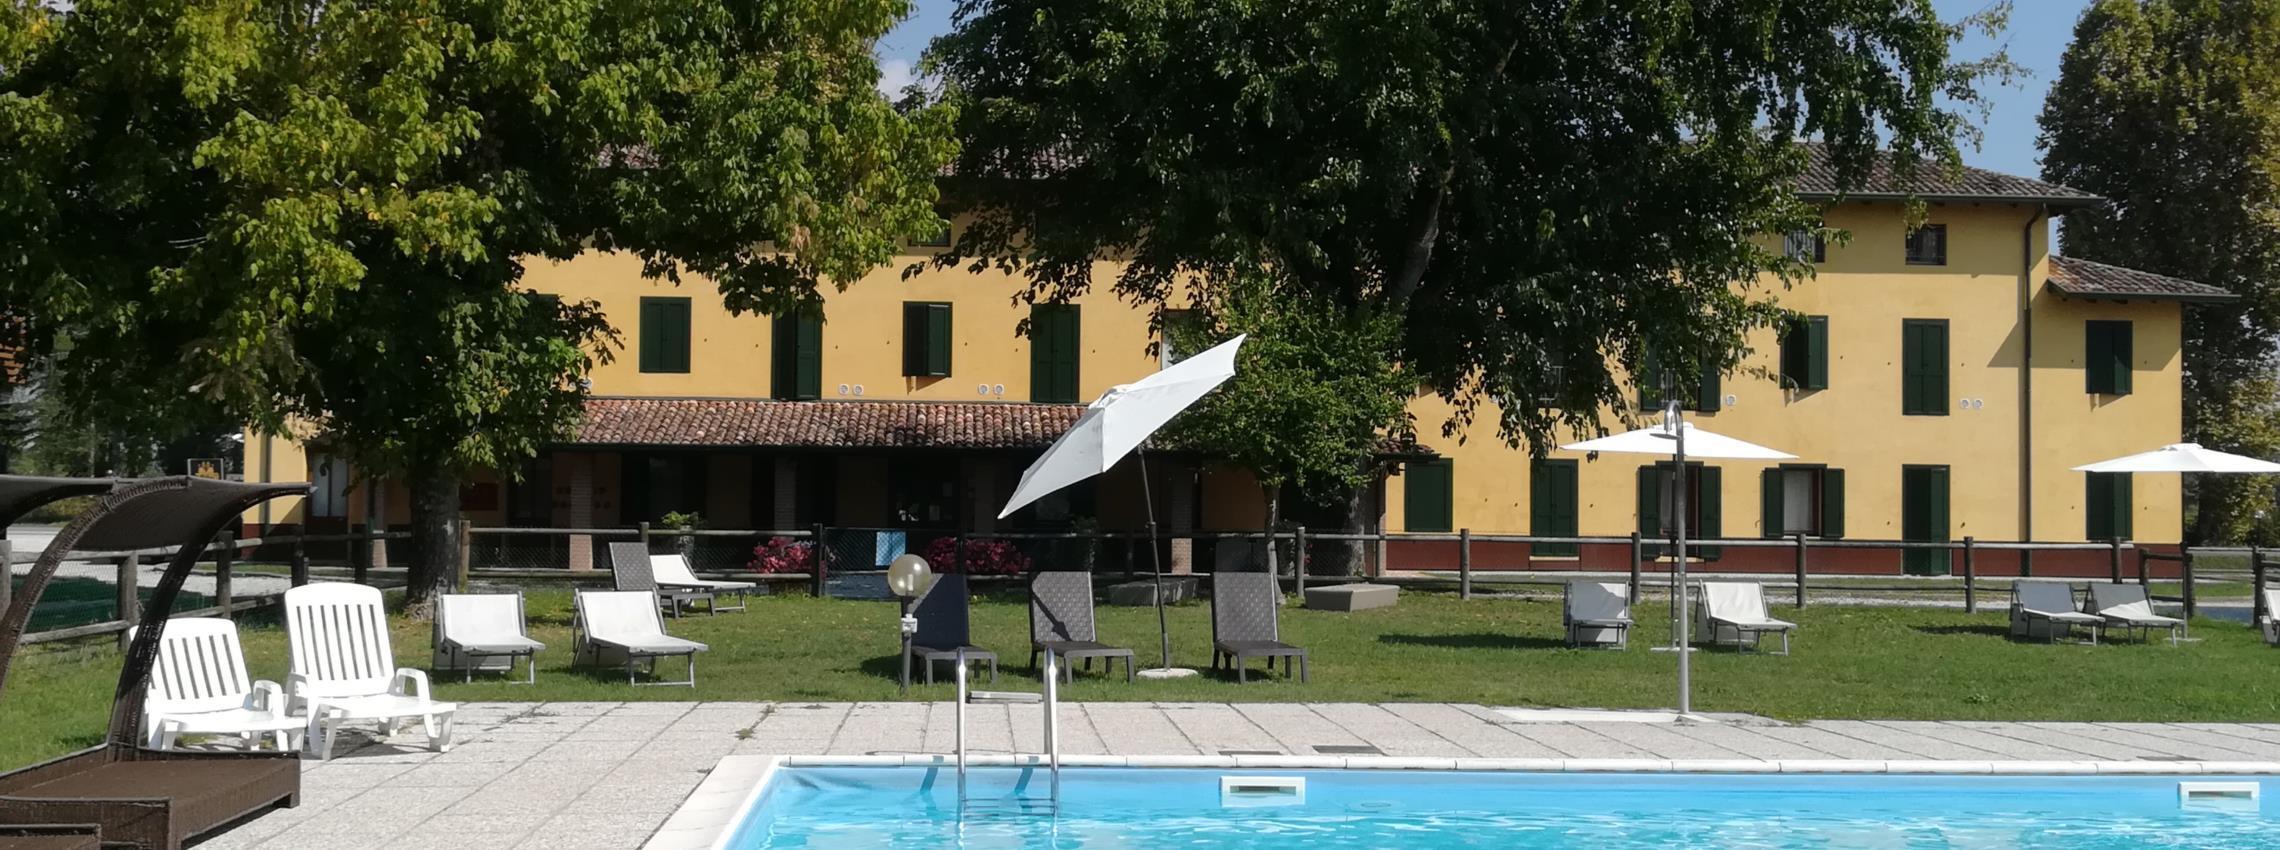 Agriturismo Aquileia con piscina